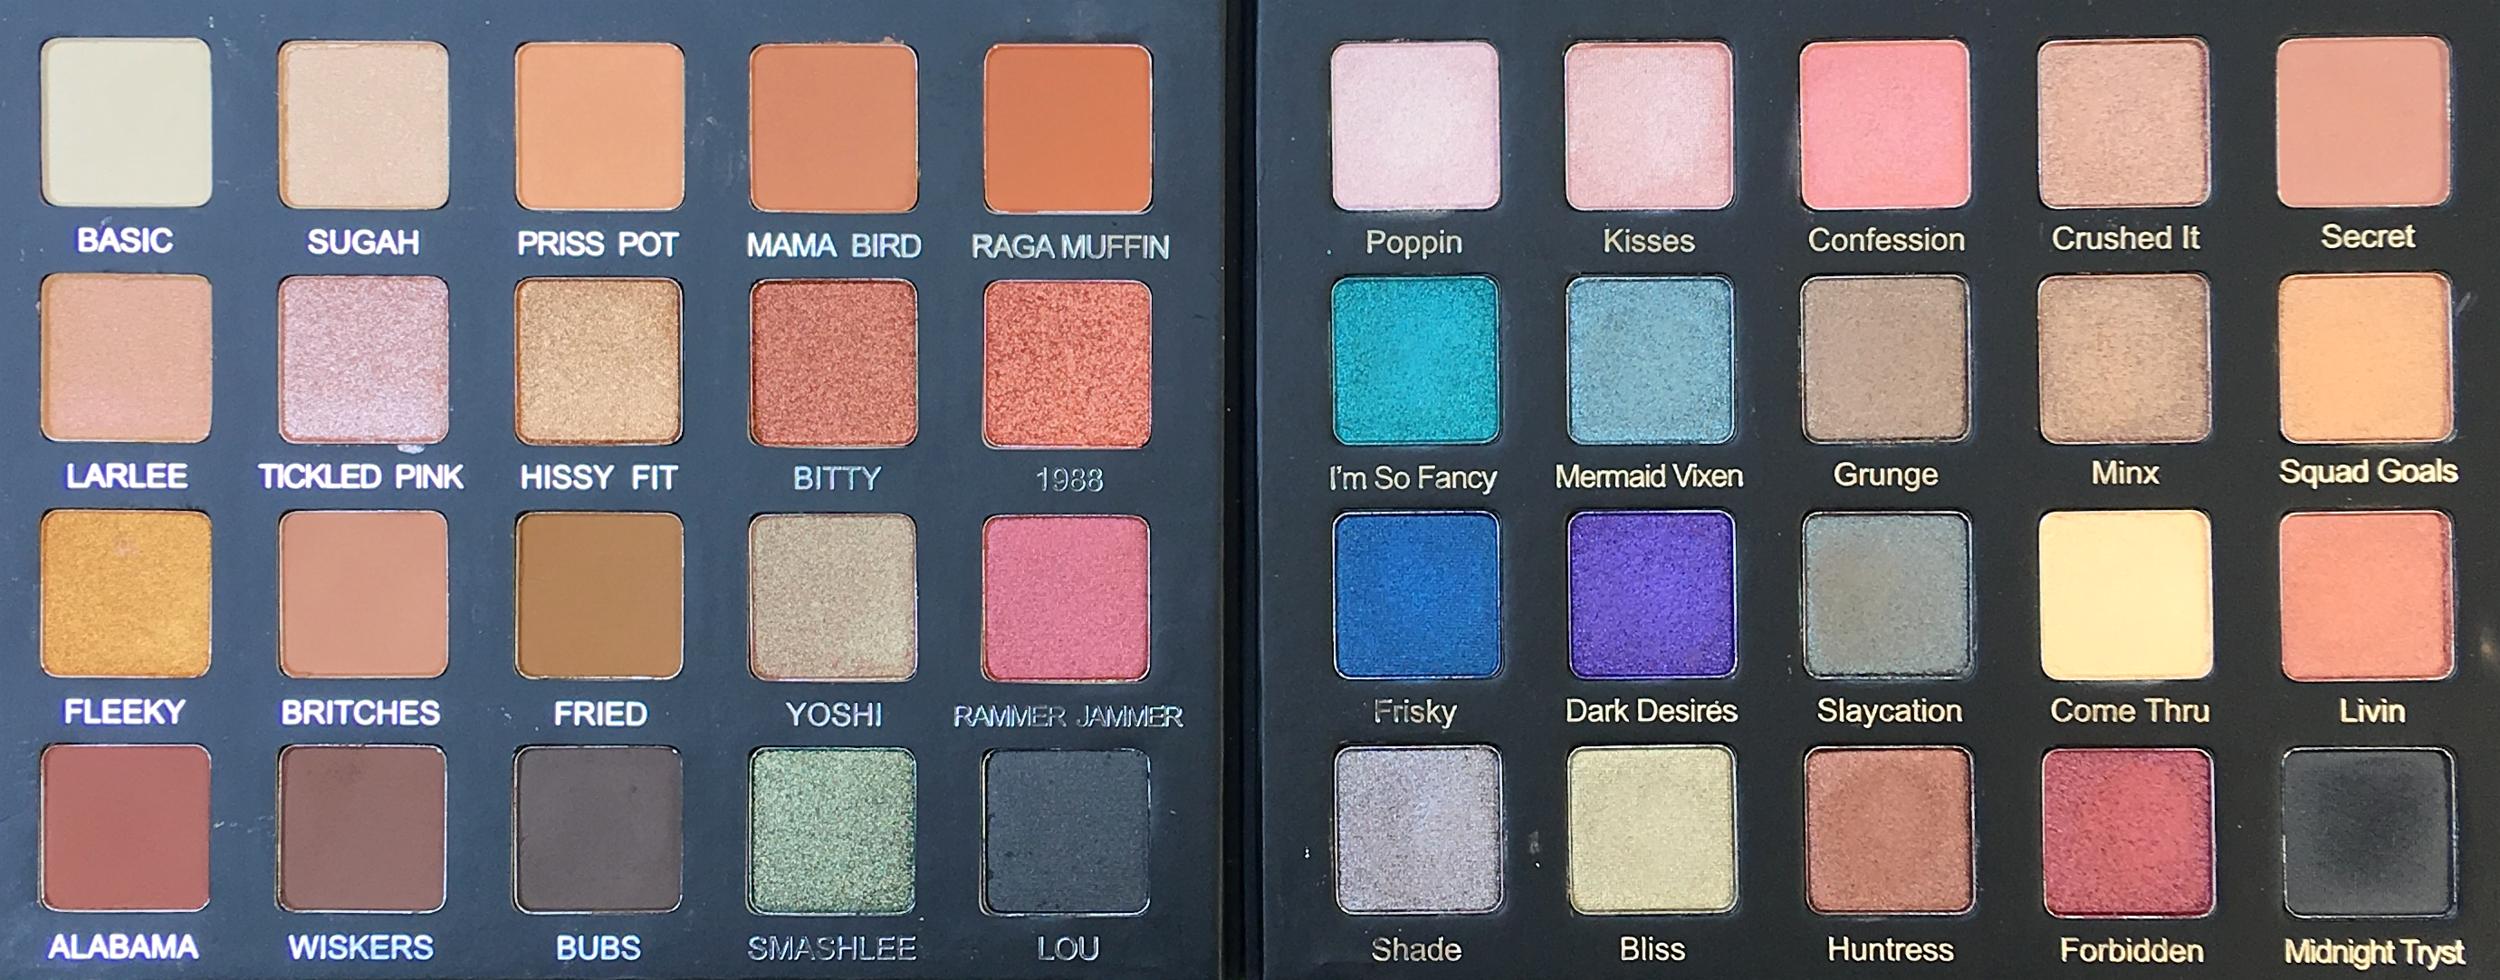 Left: Violet Voss x Laura Lee Palette; Right: Violet Voss Drenched Metal Palette